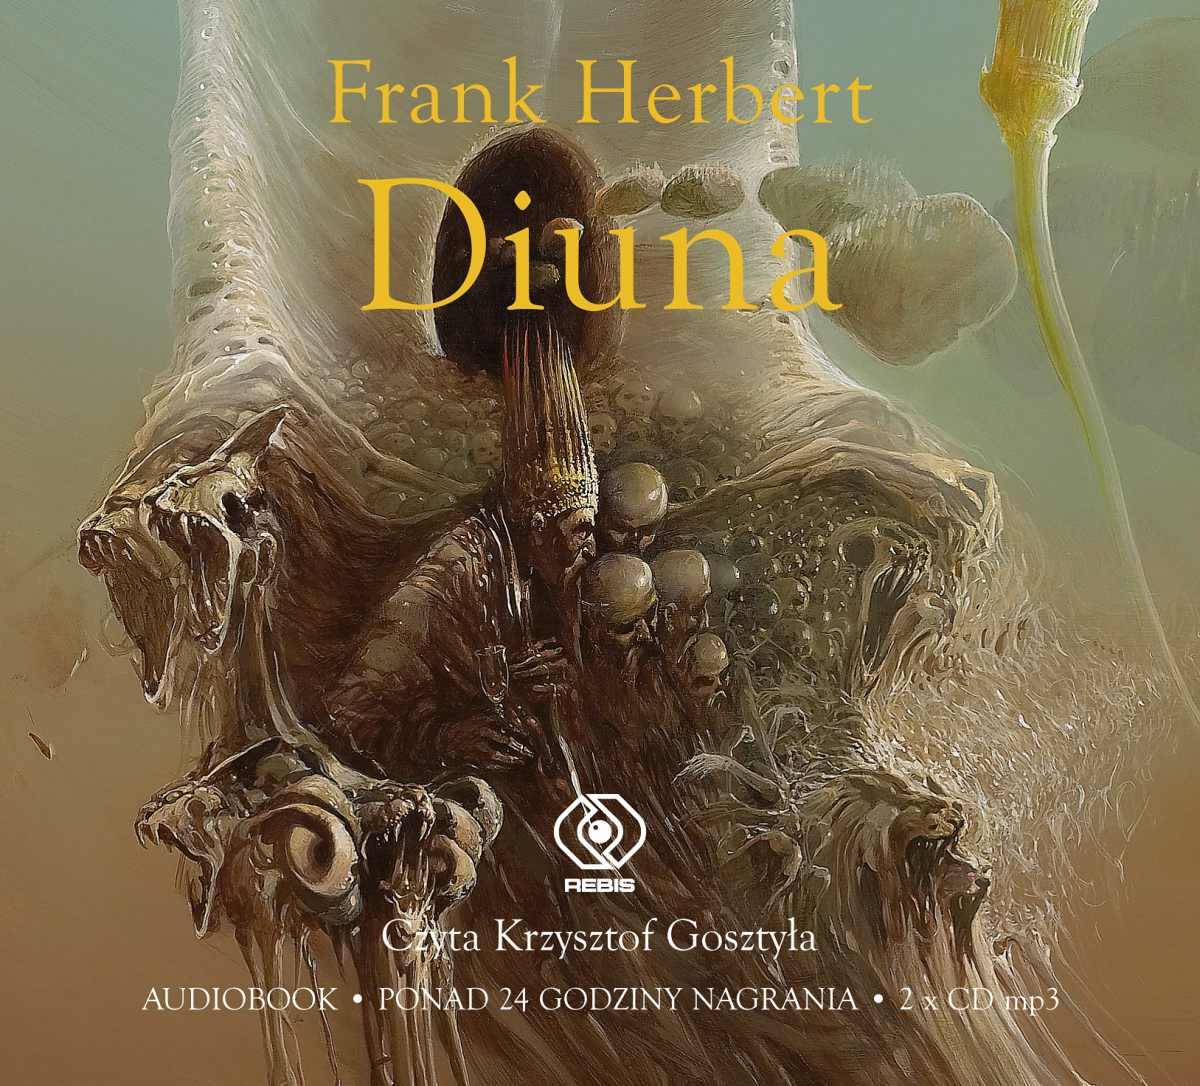 HERBERT FRANK – KRONIKI DIUNY 1. DIUNA